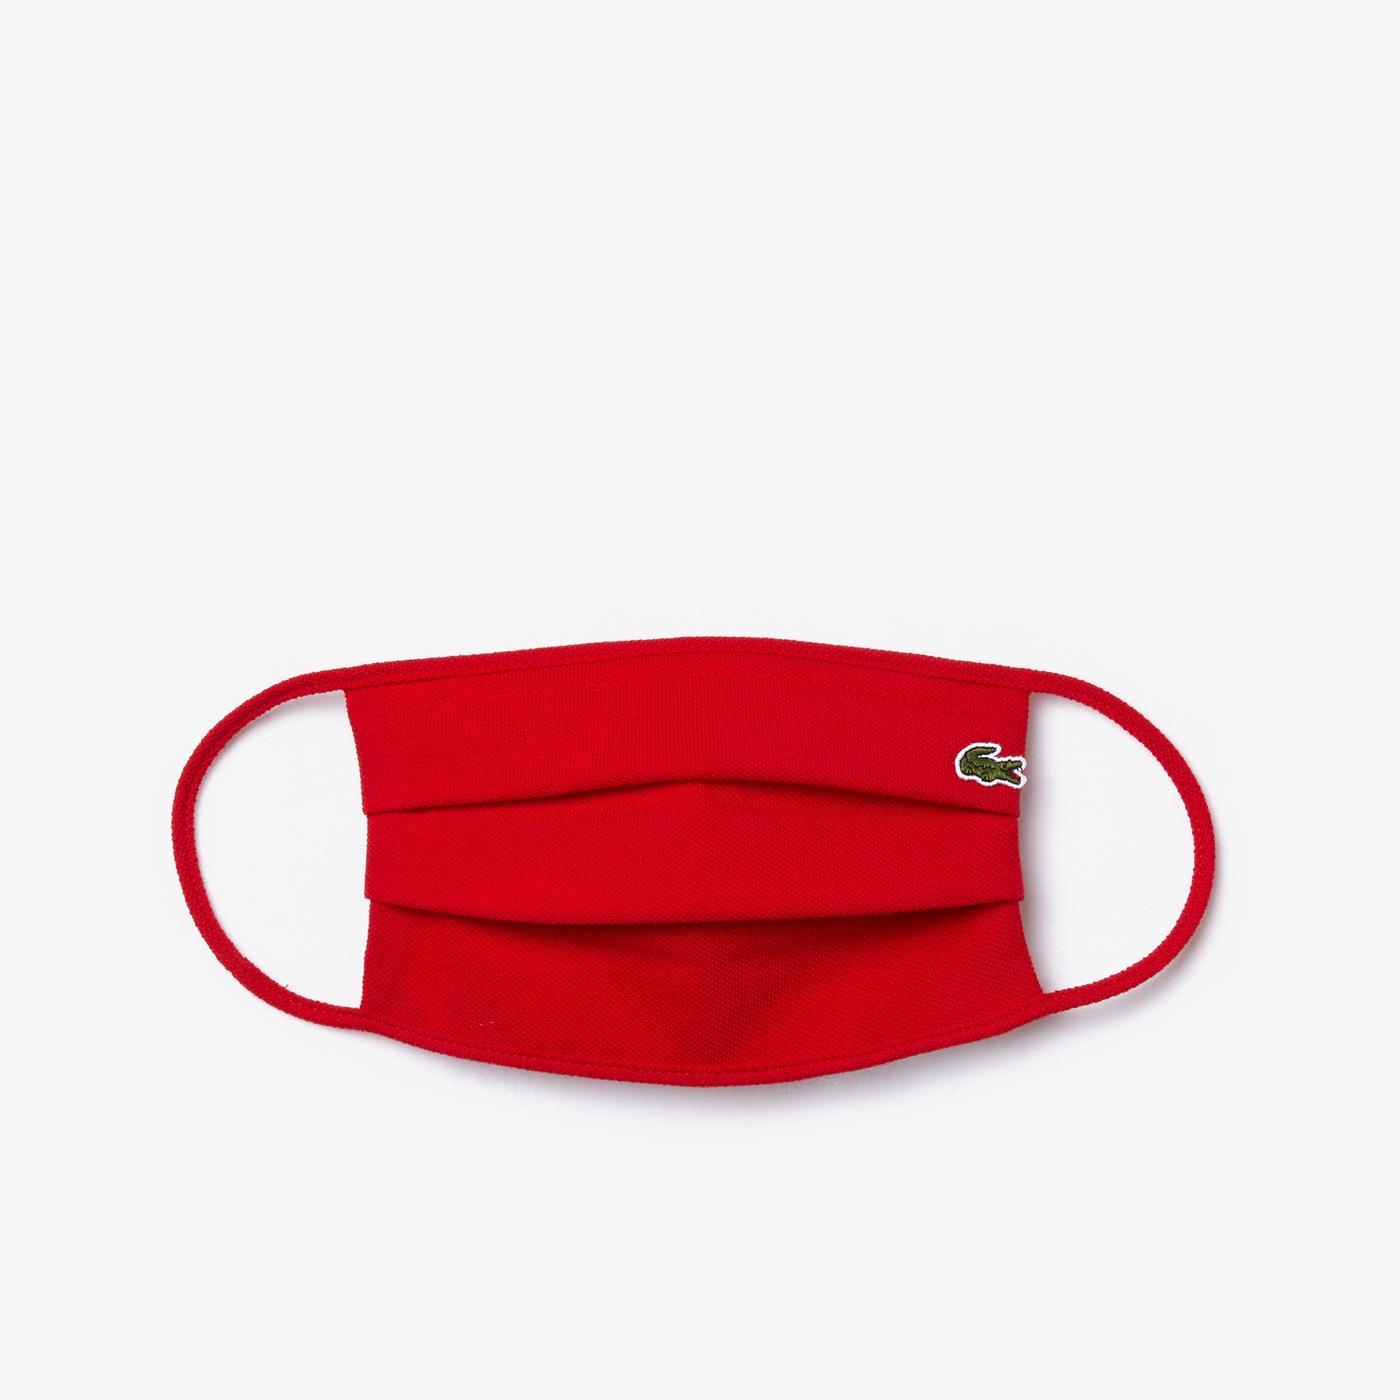 Lacoste Pamuklu Yıkanabilir Kırmızı Maske